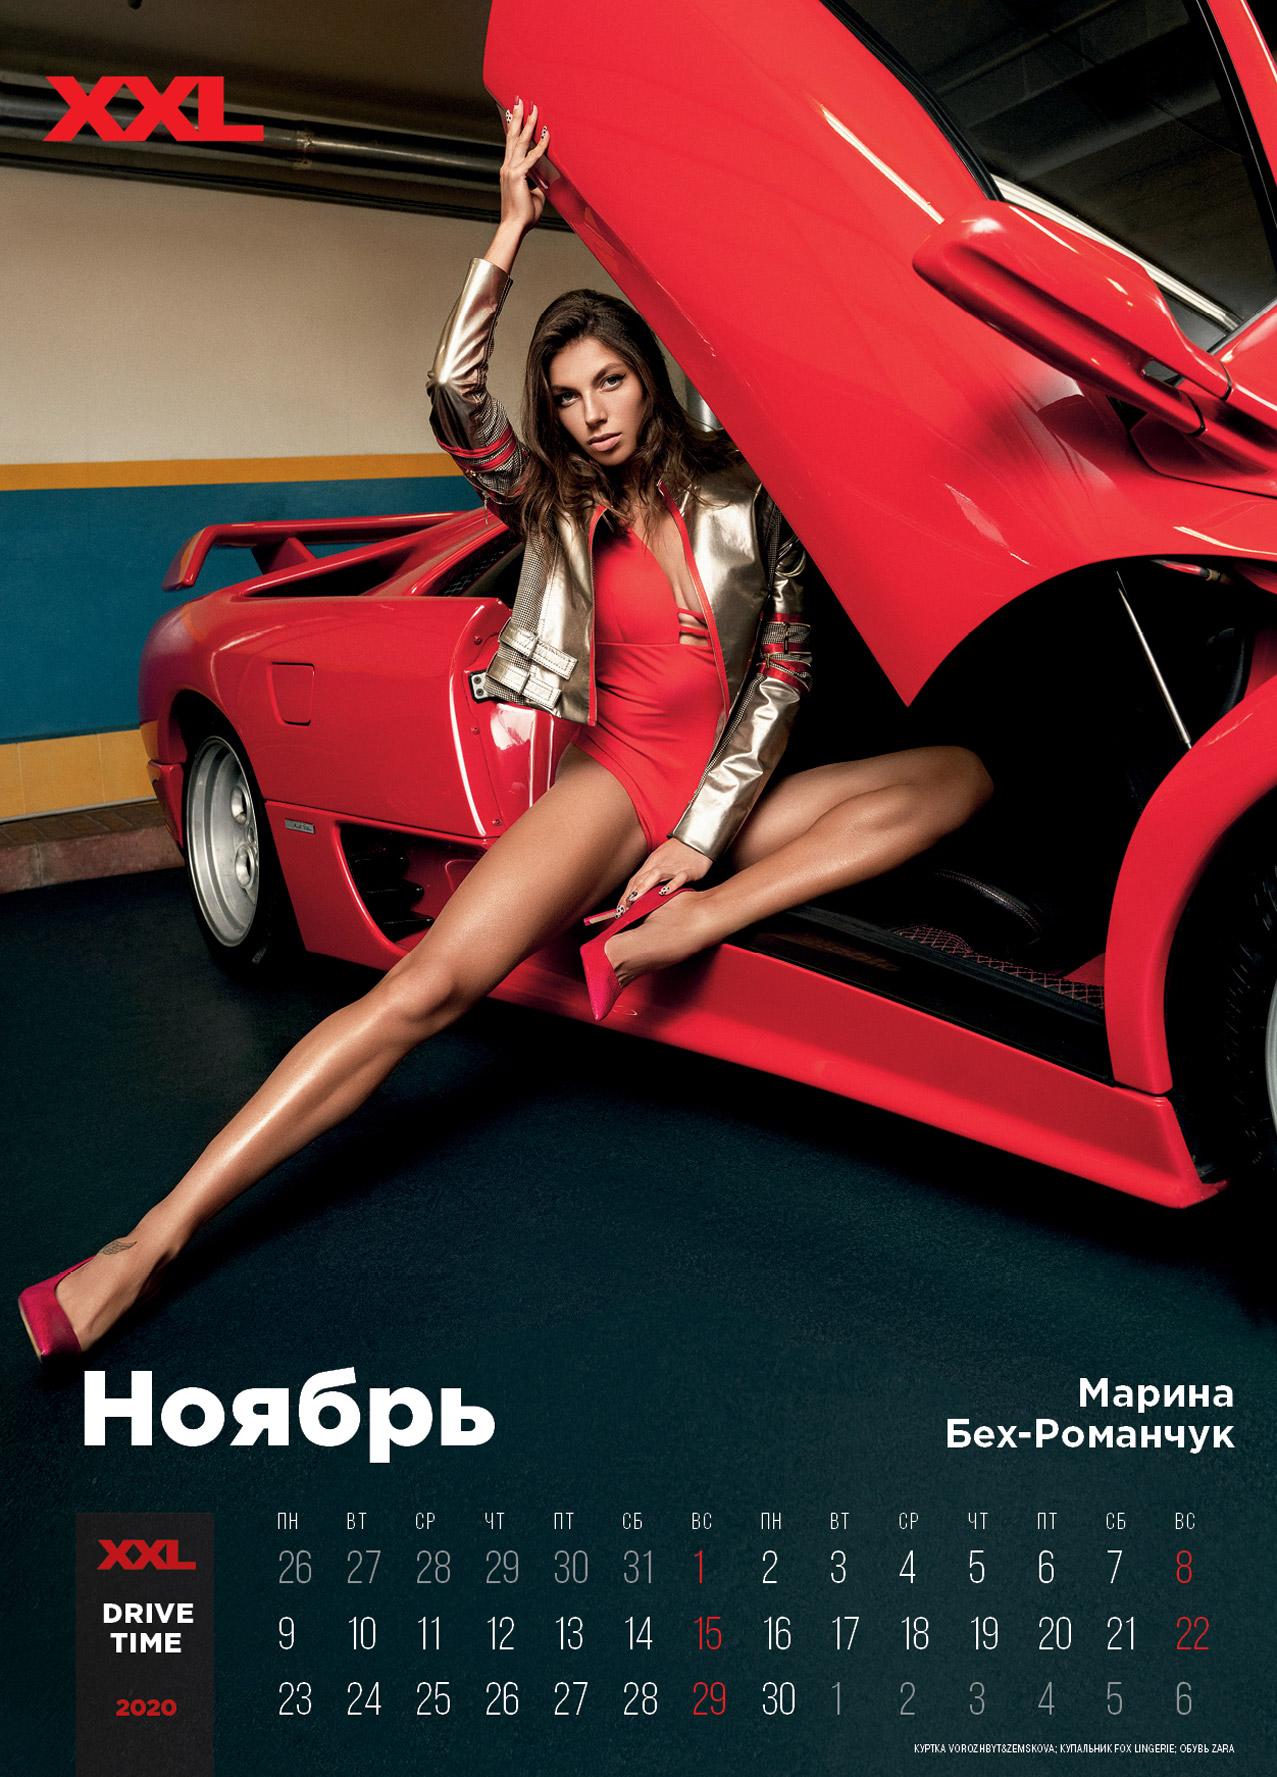 календарь журнала XXL Украина на 2020 год / ноябрь - Марина Бех-Романчук